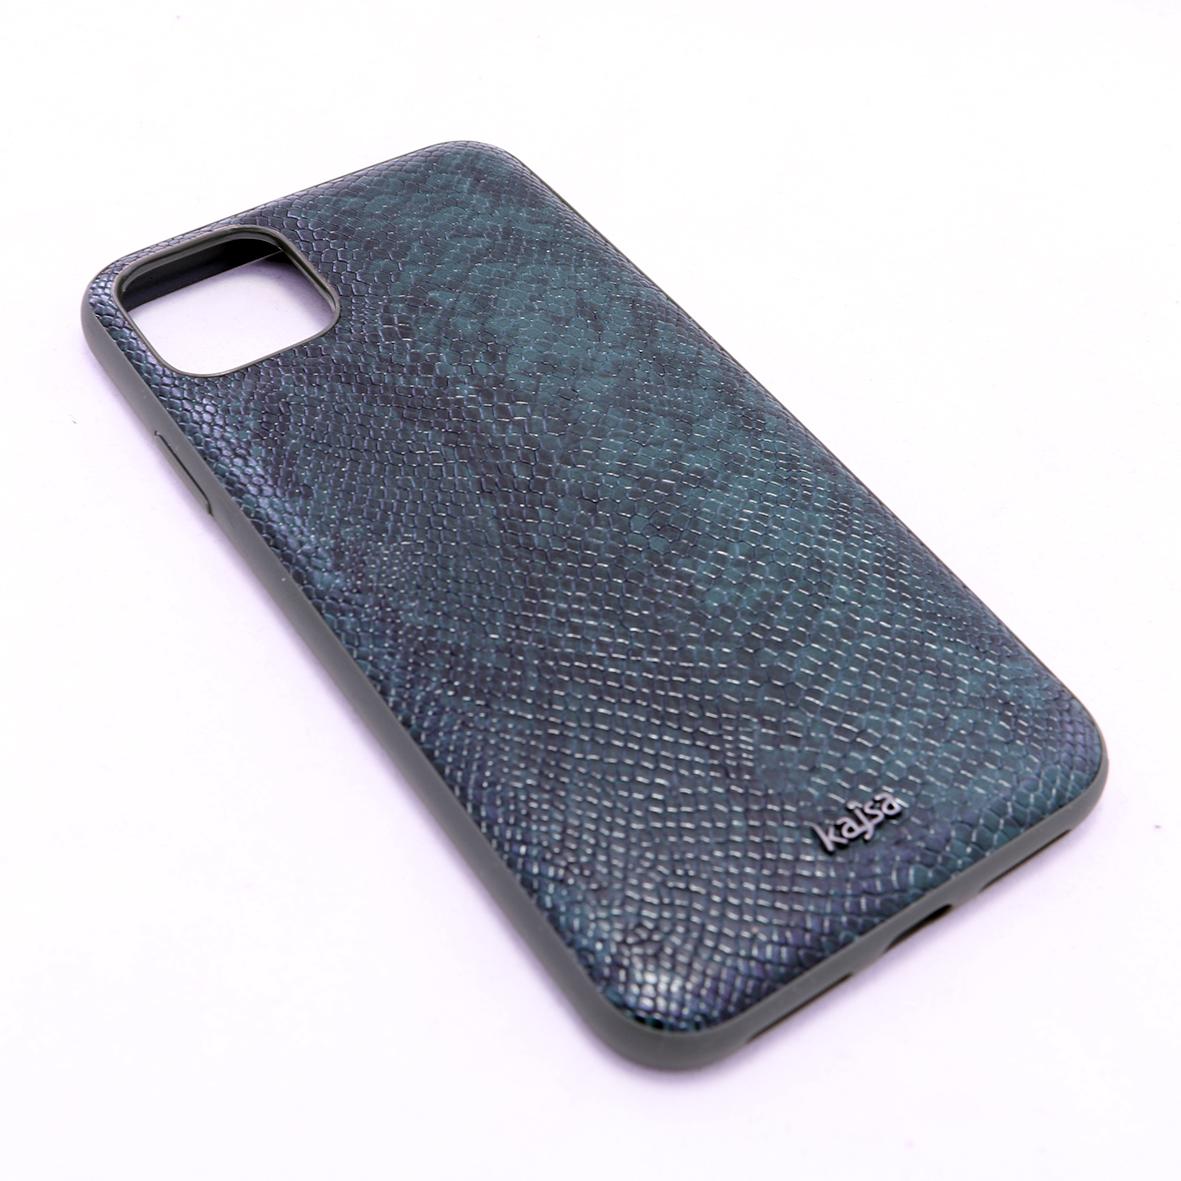 کاور کاجسا مدل KJ-4 مناسب برای گوشی موبایل اپل IPhone 11 Pro Max